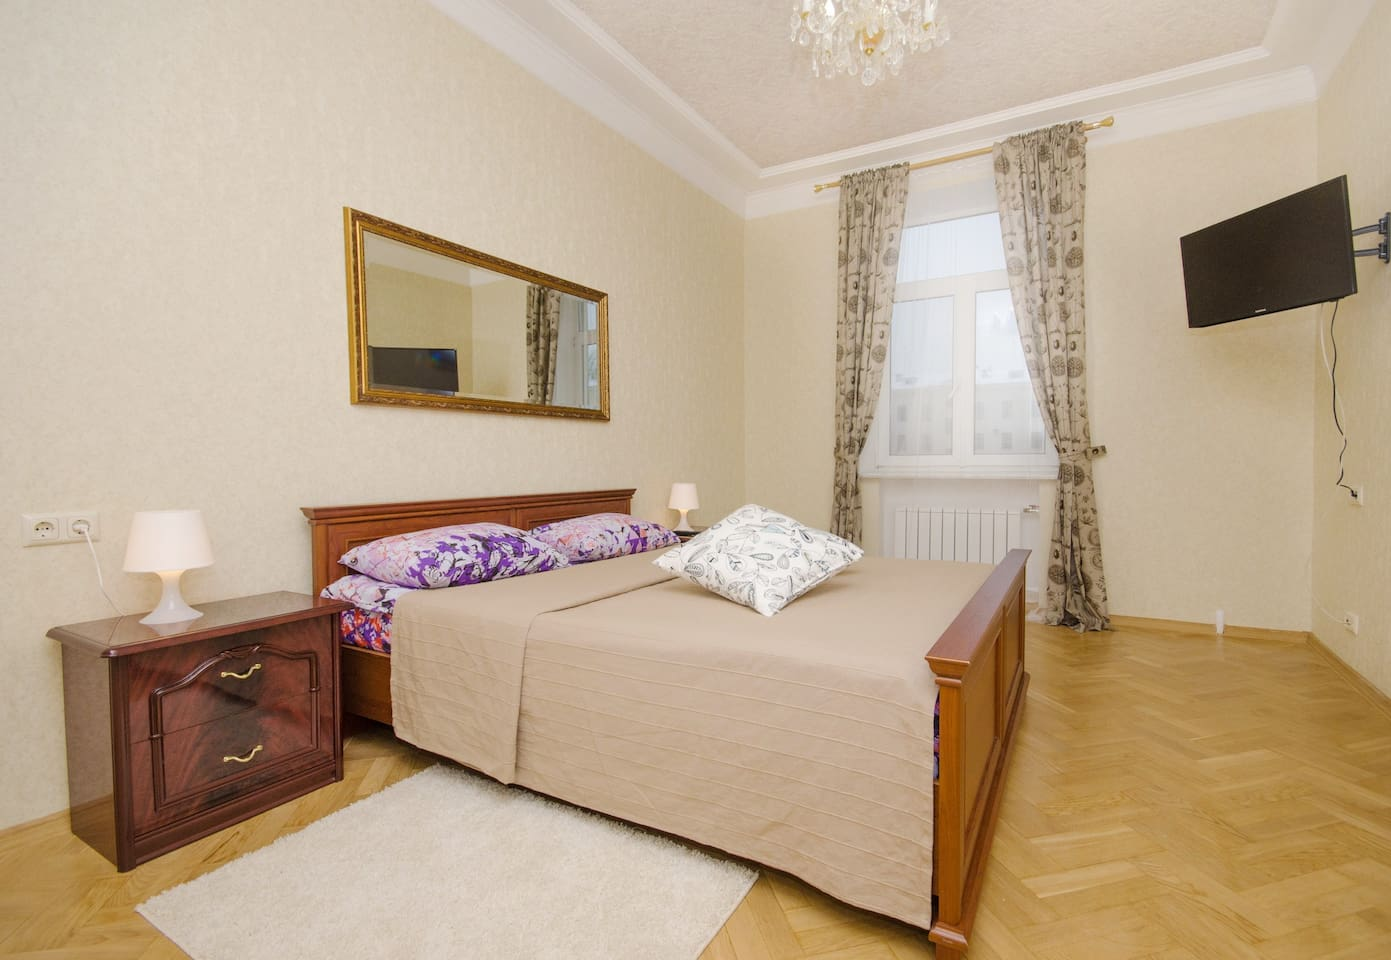 4-комнатные апартаменты в самом центре Минска. Спальня №1. Двухспальная кровать , TV